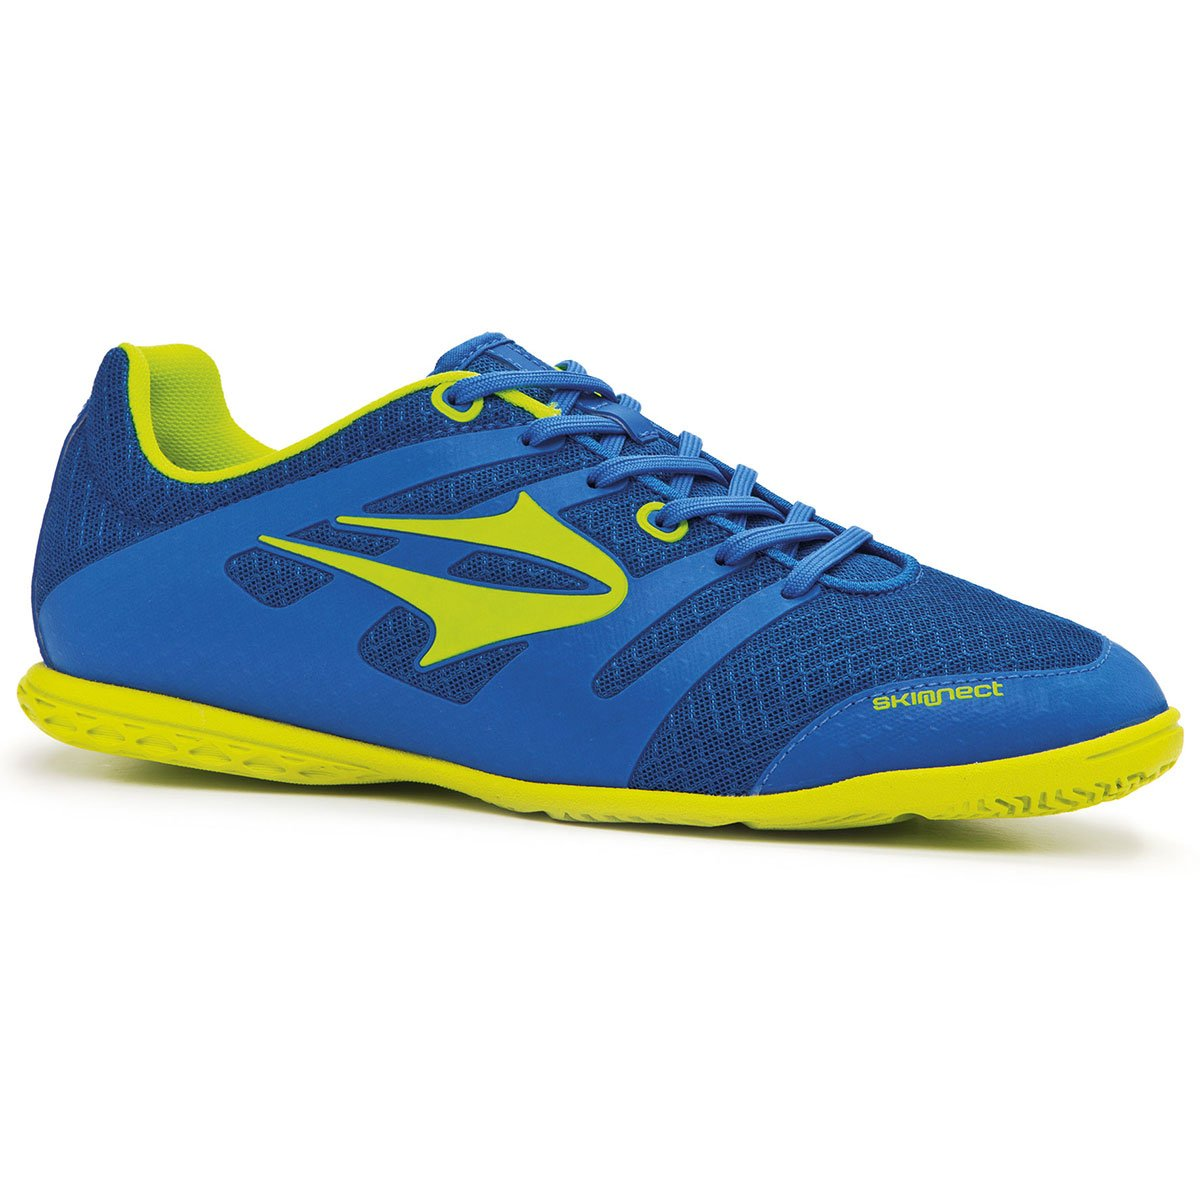 818e8cedcf ... Chuteira Topper Letra Futsal